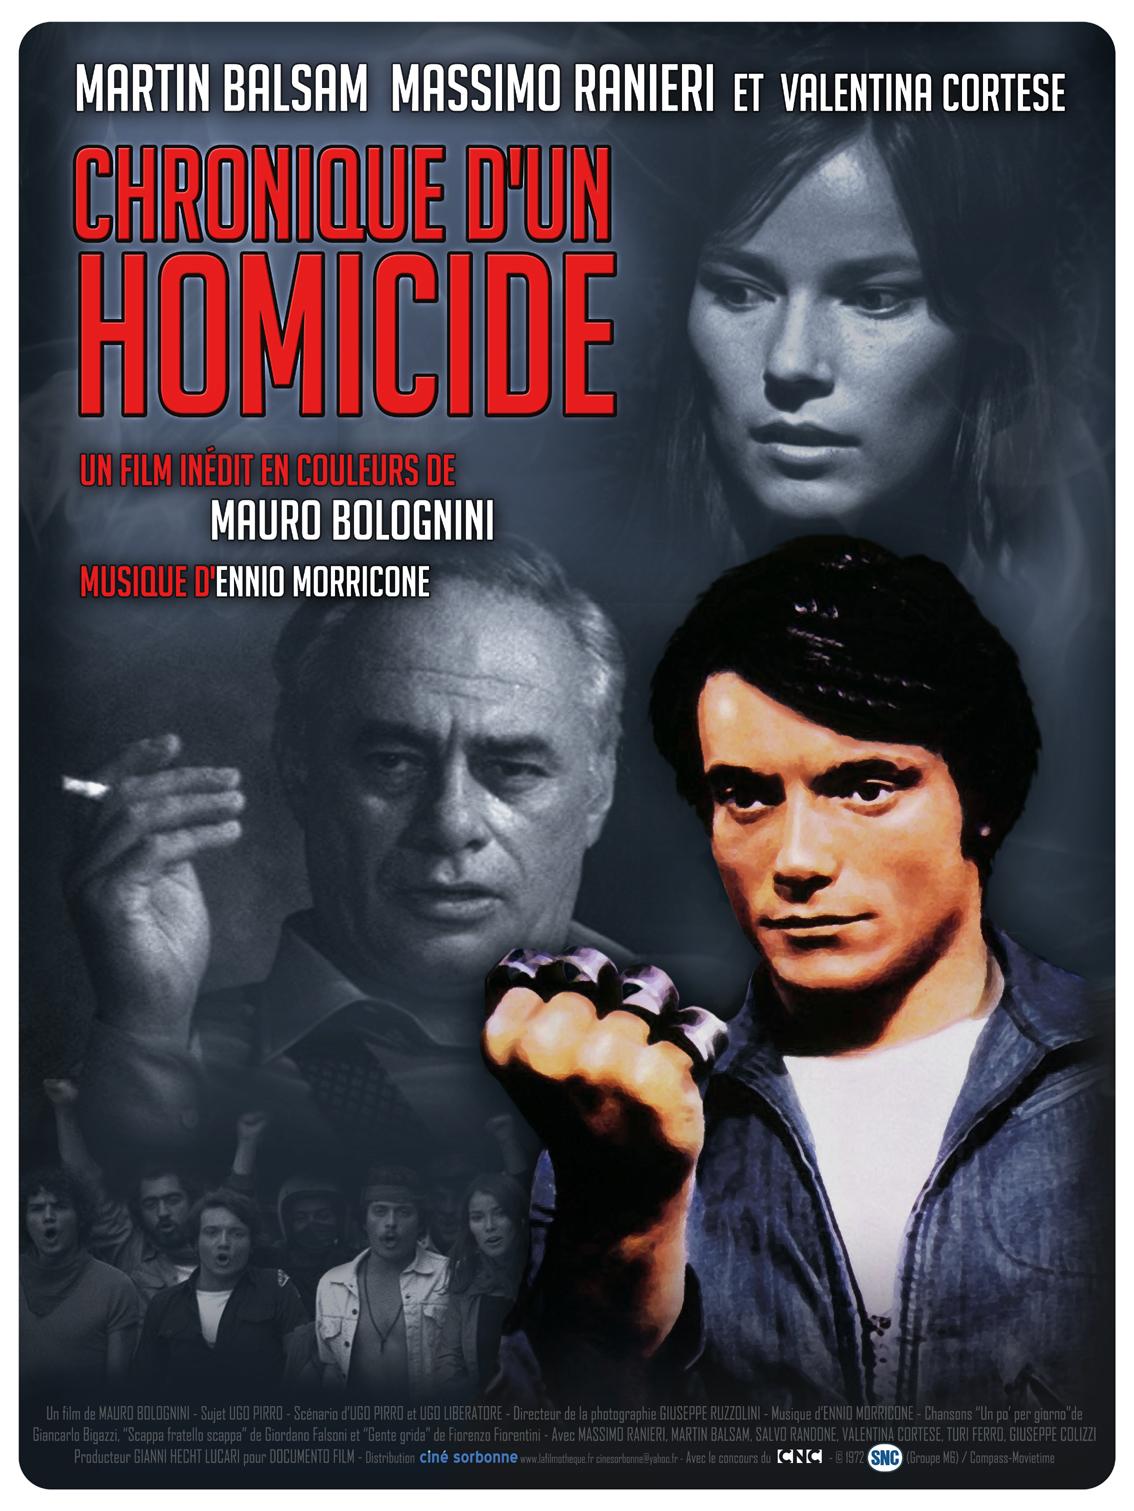 Chronique d'un Homicide